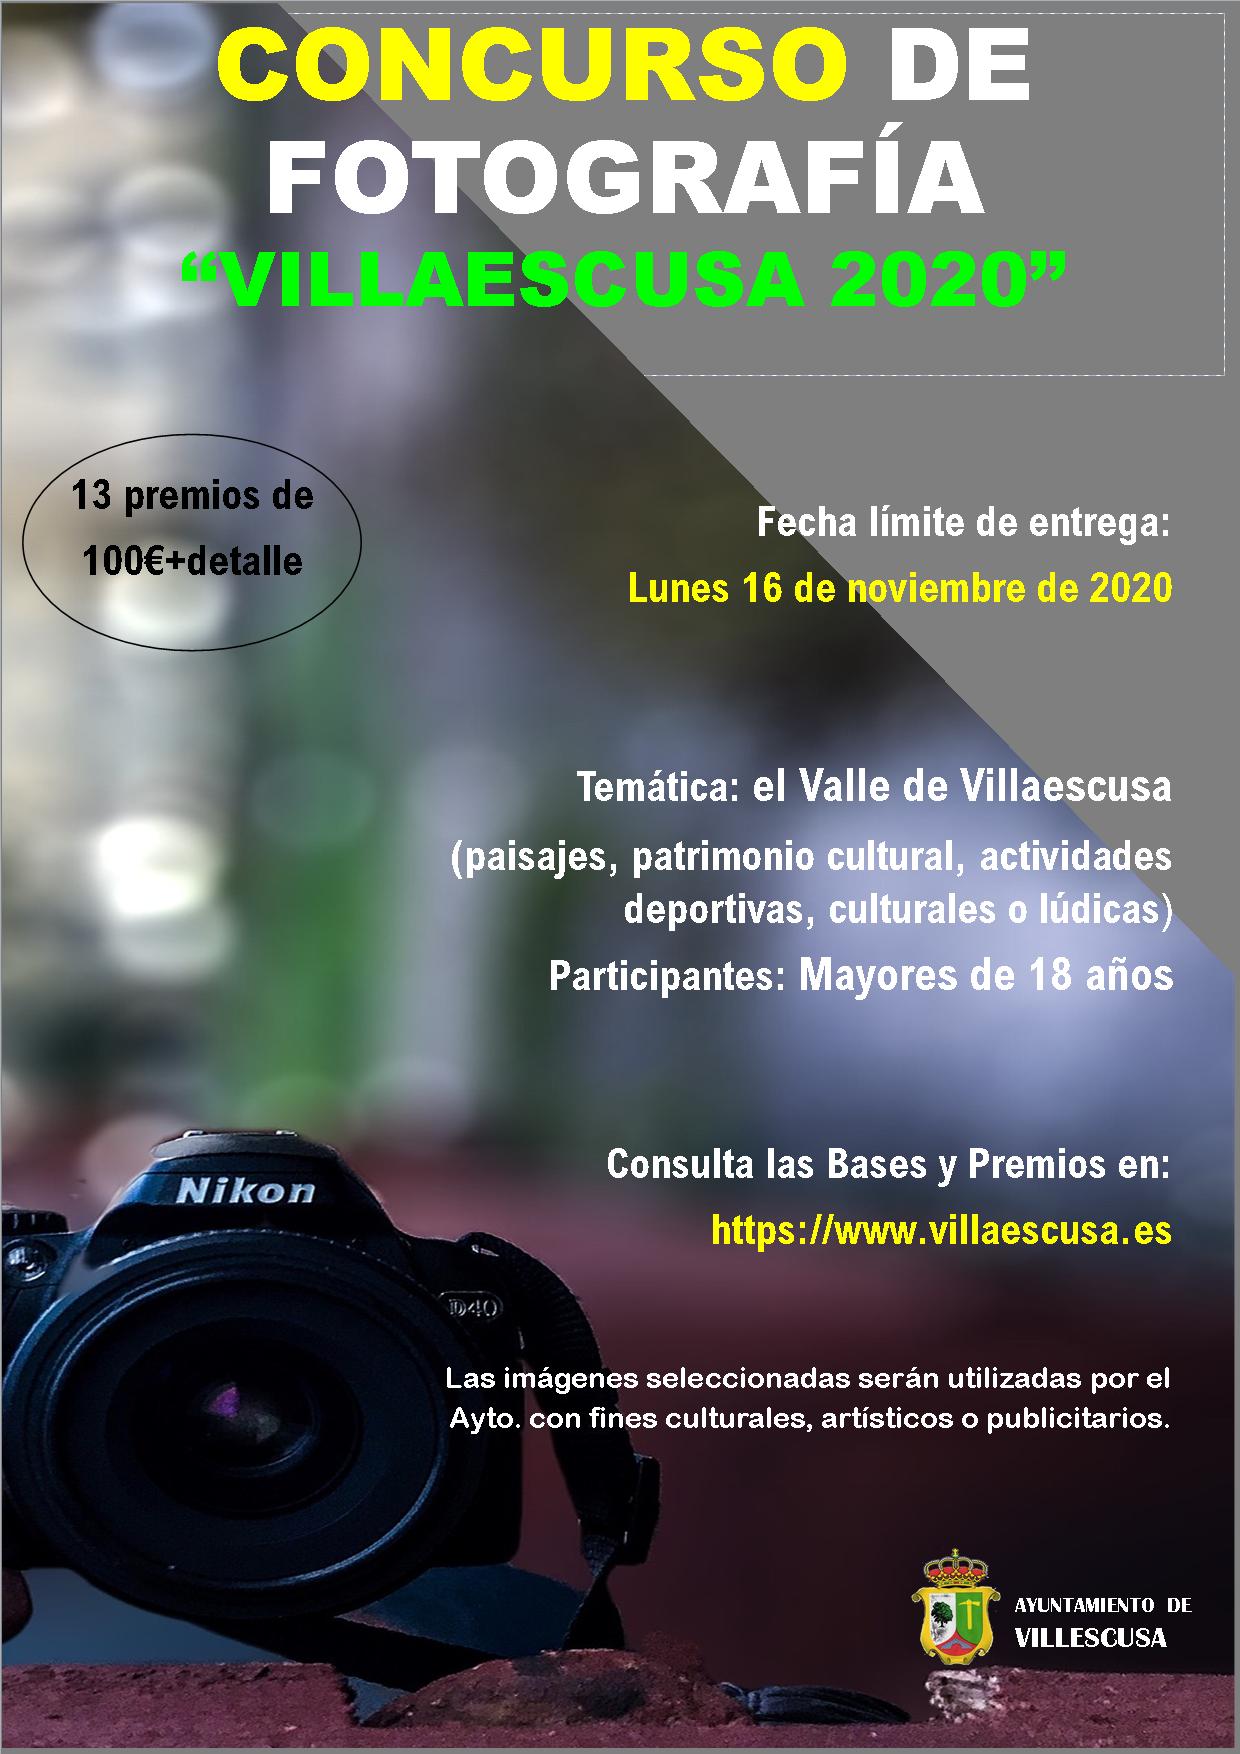 CONCURSO FOTOGRAFIA 1